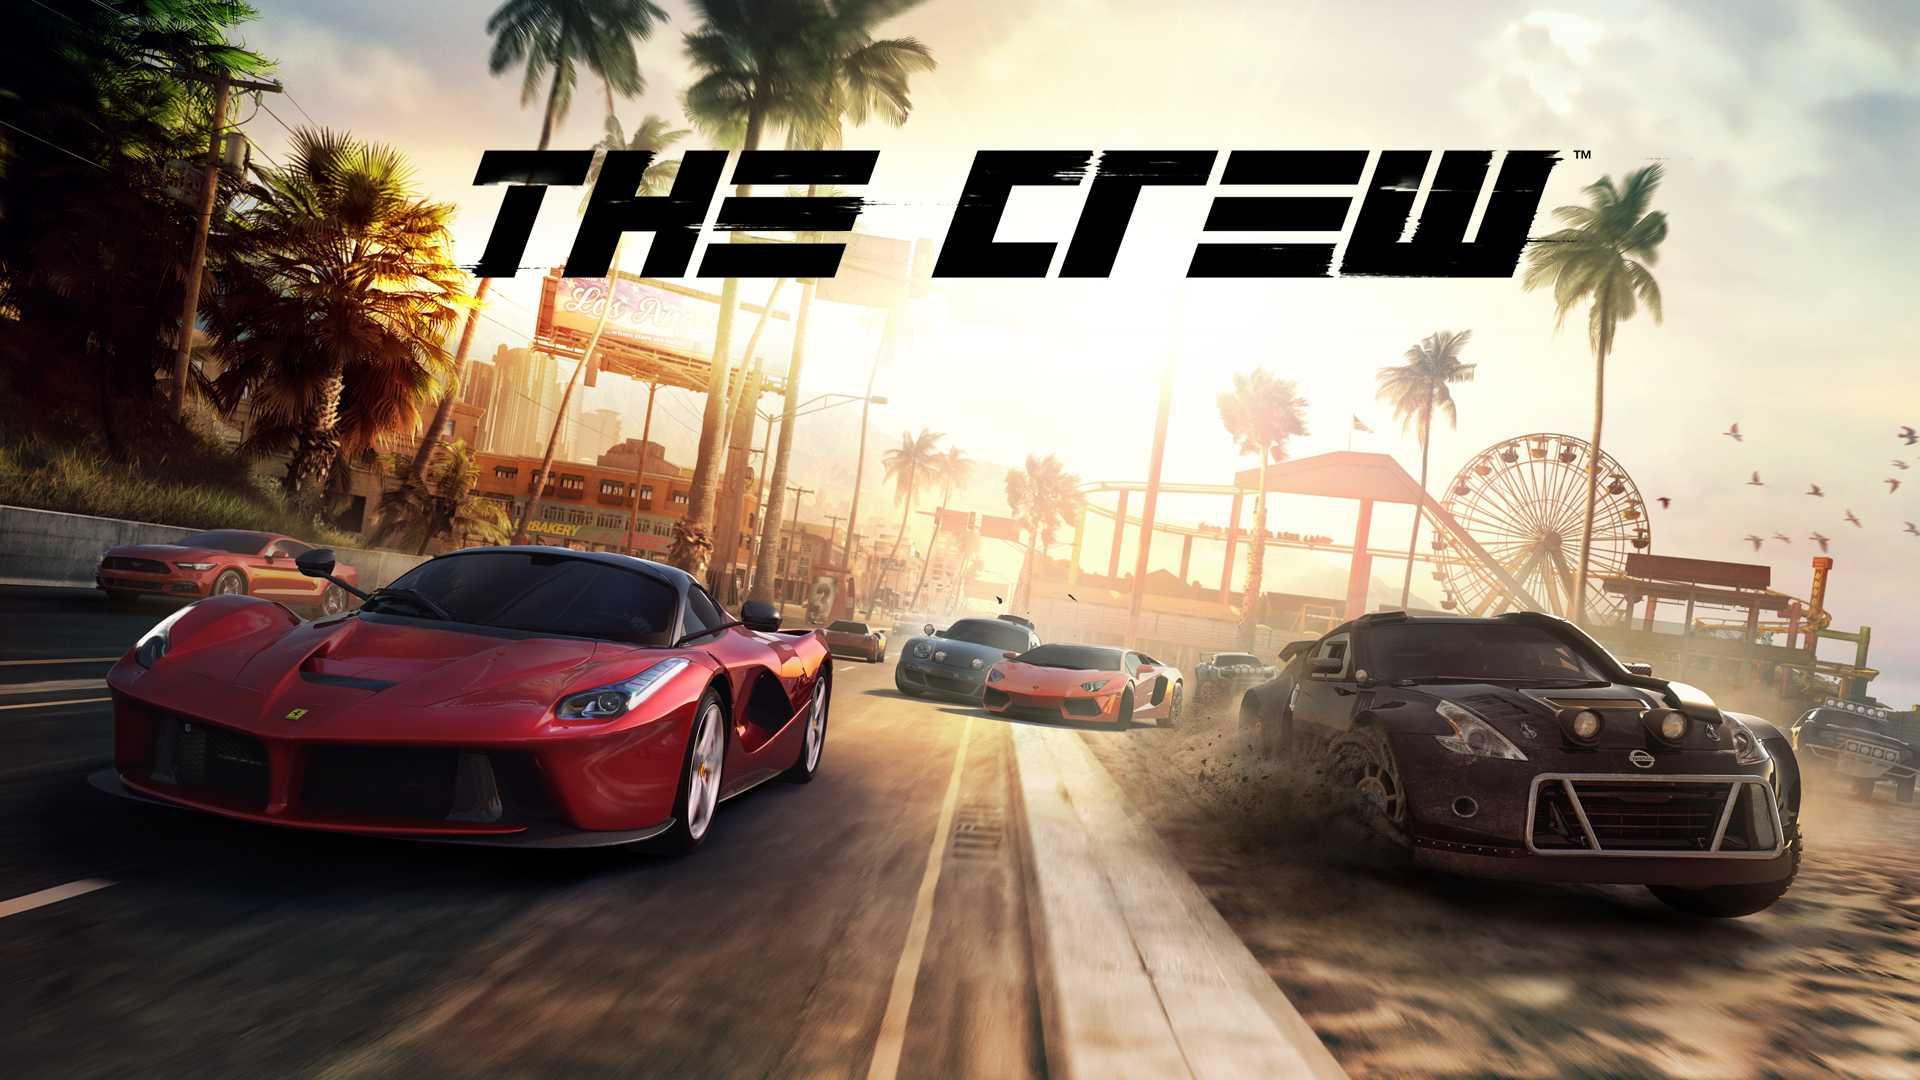 Бесплатные игры: The Crew, все DLC для Battlefield 4, демо FIFA 17, Divinity: Original Sin